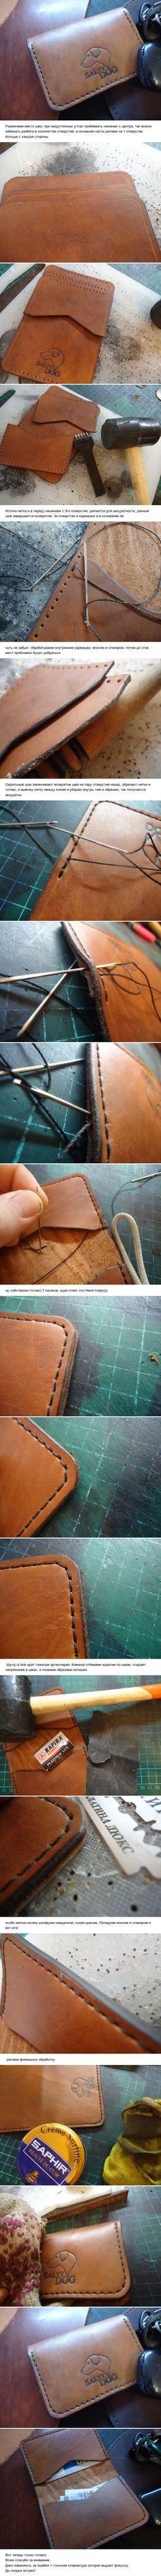 Кардхолдер, мини кошелек своими руками 2 часть мое  рукоделие, кожаные изделия, salty dog, длиннопост